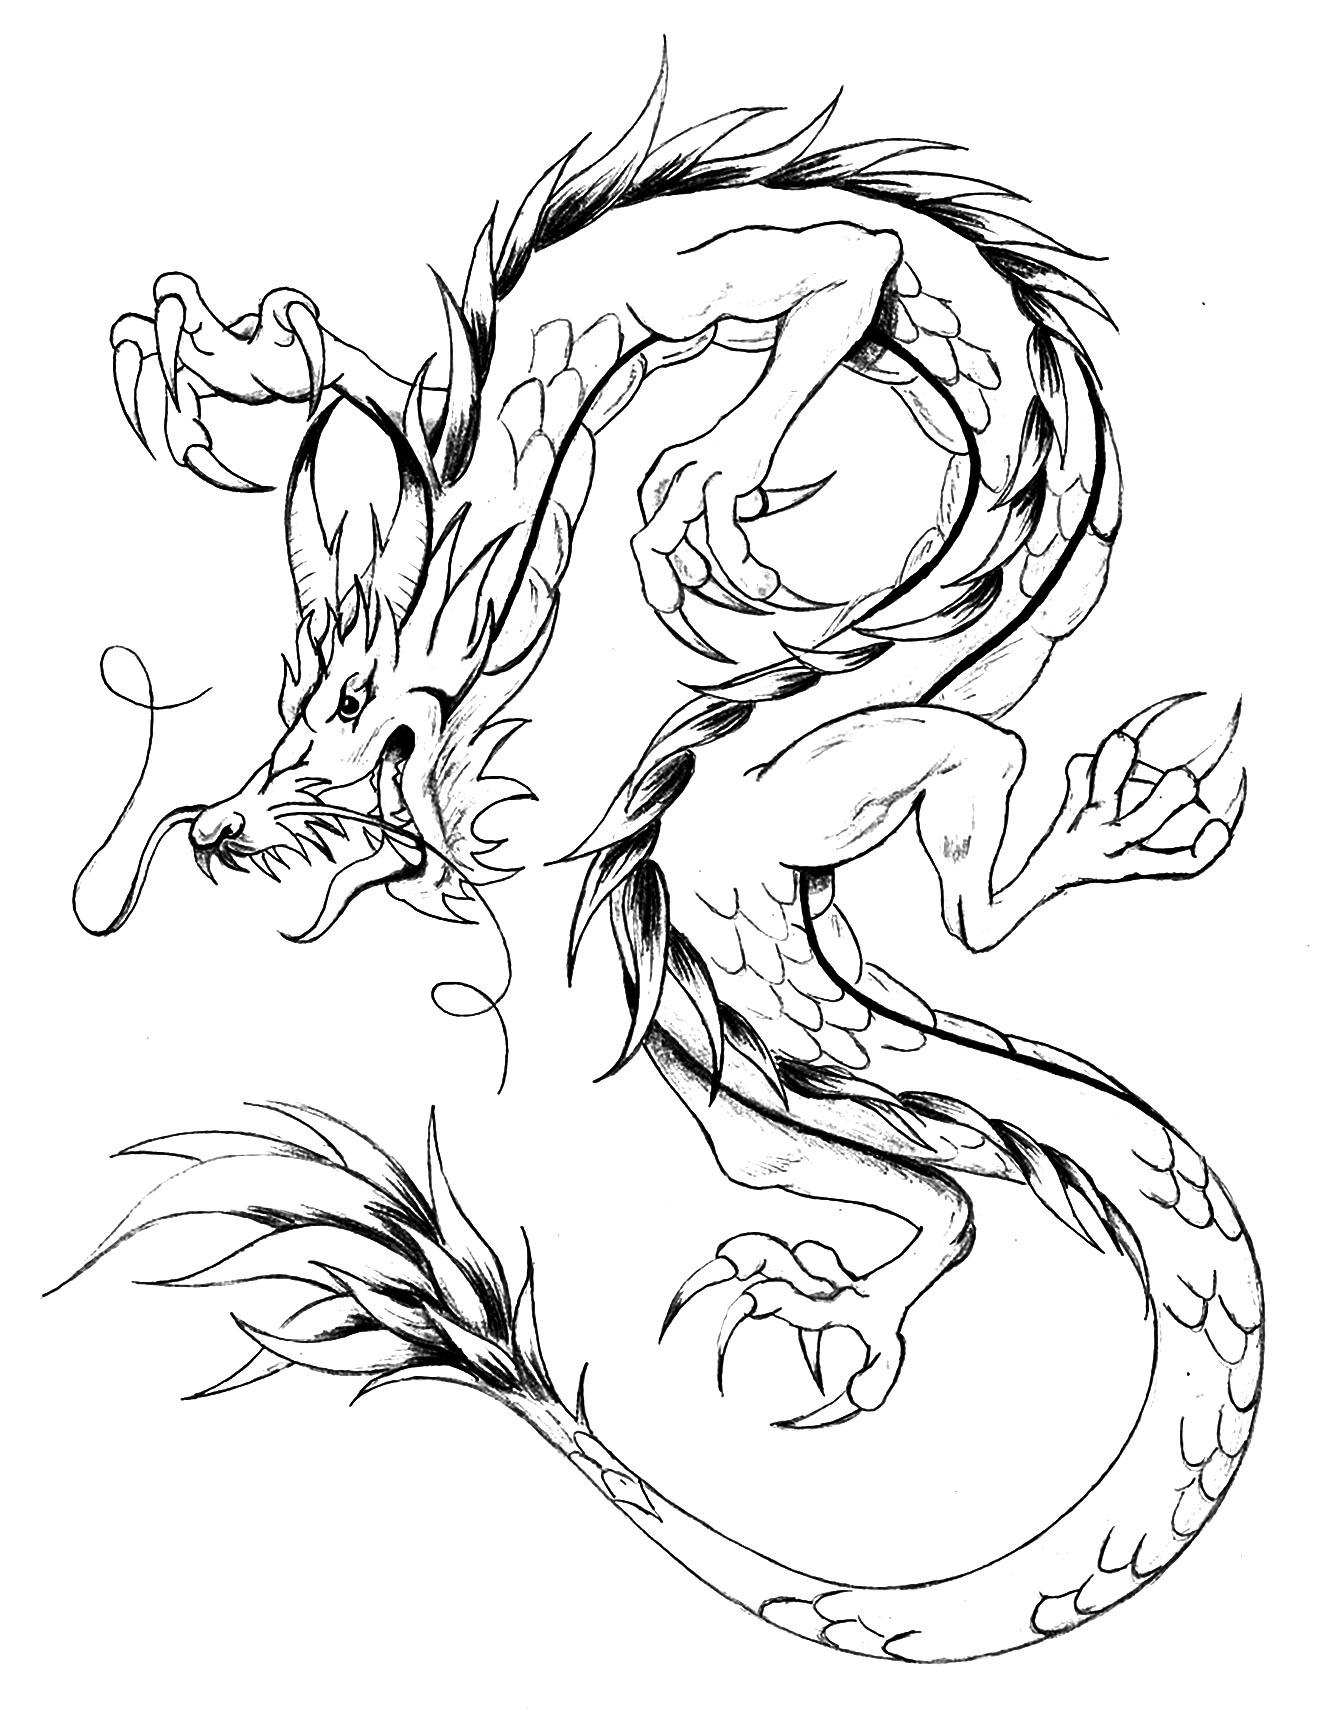 Colorear para adultos : Dragones - 7